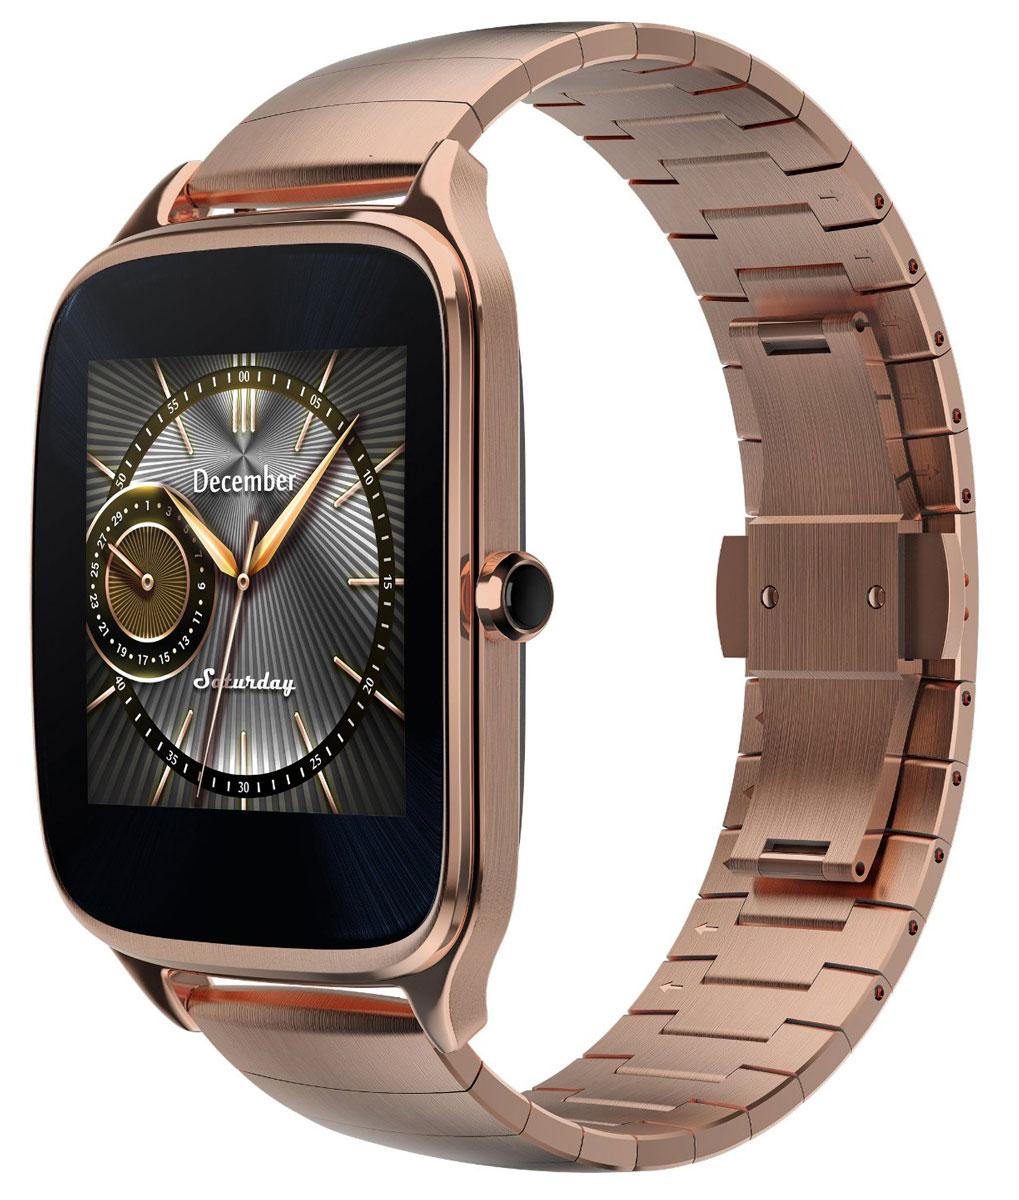 ASUS ZenWatch 2 WI501Q(BQC), Gold смарт-часы4712900359732Asus ZenWatch 2 - традиции и инновации в одном стильном устройстве.ZenWatch 2 - это стильные часы с мощной функциональностью. Корпус часов изготавливается извысококачественной нержавеющей стали.Отражая традиционный дизайн часов, на корпусе ZenWatch 2 имеется металлическая кнопка, котораяиспользуется в качестве элемента управления.Помимо 60 стандартных циферблатов можно создавать свои собственные варианты оформления экрана часовс помощью приложения FaceDesigner.С помощью часов ZenWatch 2 можно легко обмениваться короткими текстовыми сообщениями, смайликами ирисунками с друзьями и близкими.Просматривайте важную информацию и реагируйте на нее простым прикосновением к экрану или с помощьюголосовой команды.Встроенный в часы шагомер обладает высокой точностью, позволяя пользователю следить за своейфизической активностью и прогрессом в достижении фитнес-целей. Также имеется функция мониторинга сна.Зарядное устройство с магнитным разъемом ускоряет подзарядку по сравнению с оригинальнымичасами ZenWatch. Заряд аккумулятора повышается с 0% до 60% всего за 15 минут!Операционная система: Android Wear Процессор: Qualcomm Snapdragon 400 (4 ядра), 1,2 ГГц Оперативная память: 512 МБ Стекло Corning Gorilla Glass 3